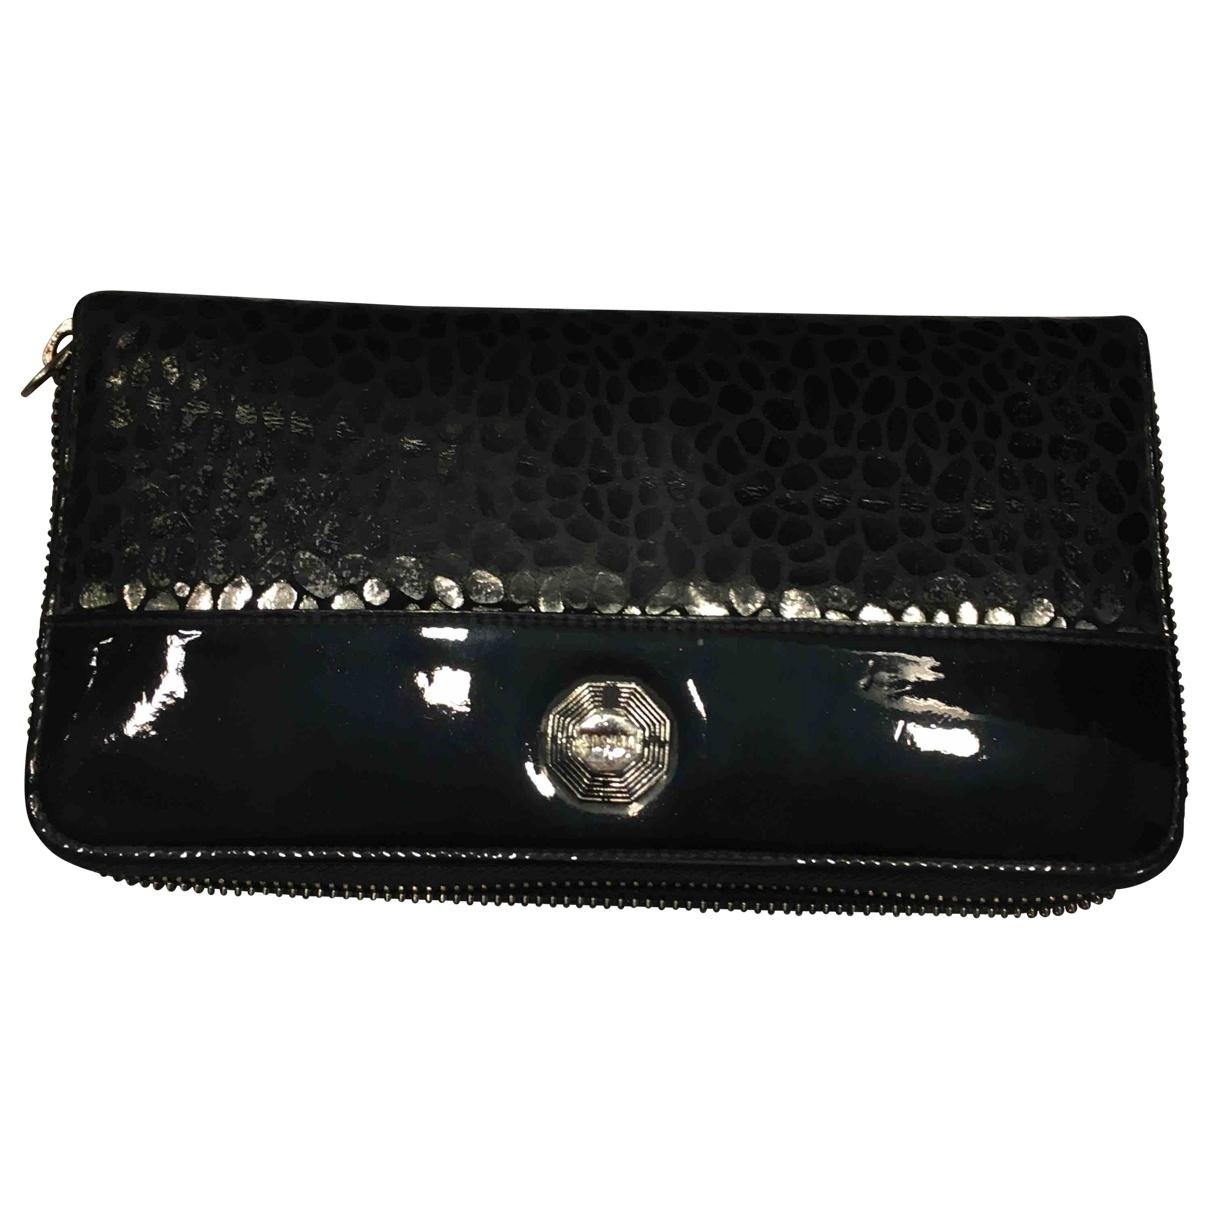 Versus \N Portemonnaie in  Schwarz Leder